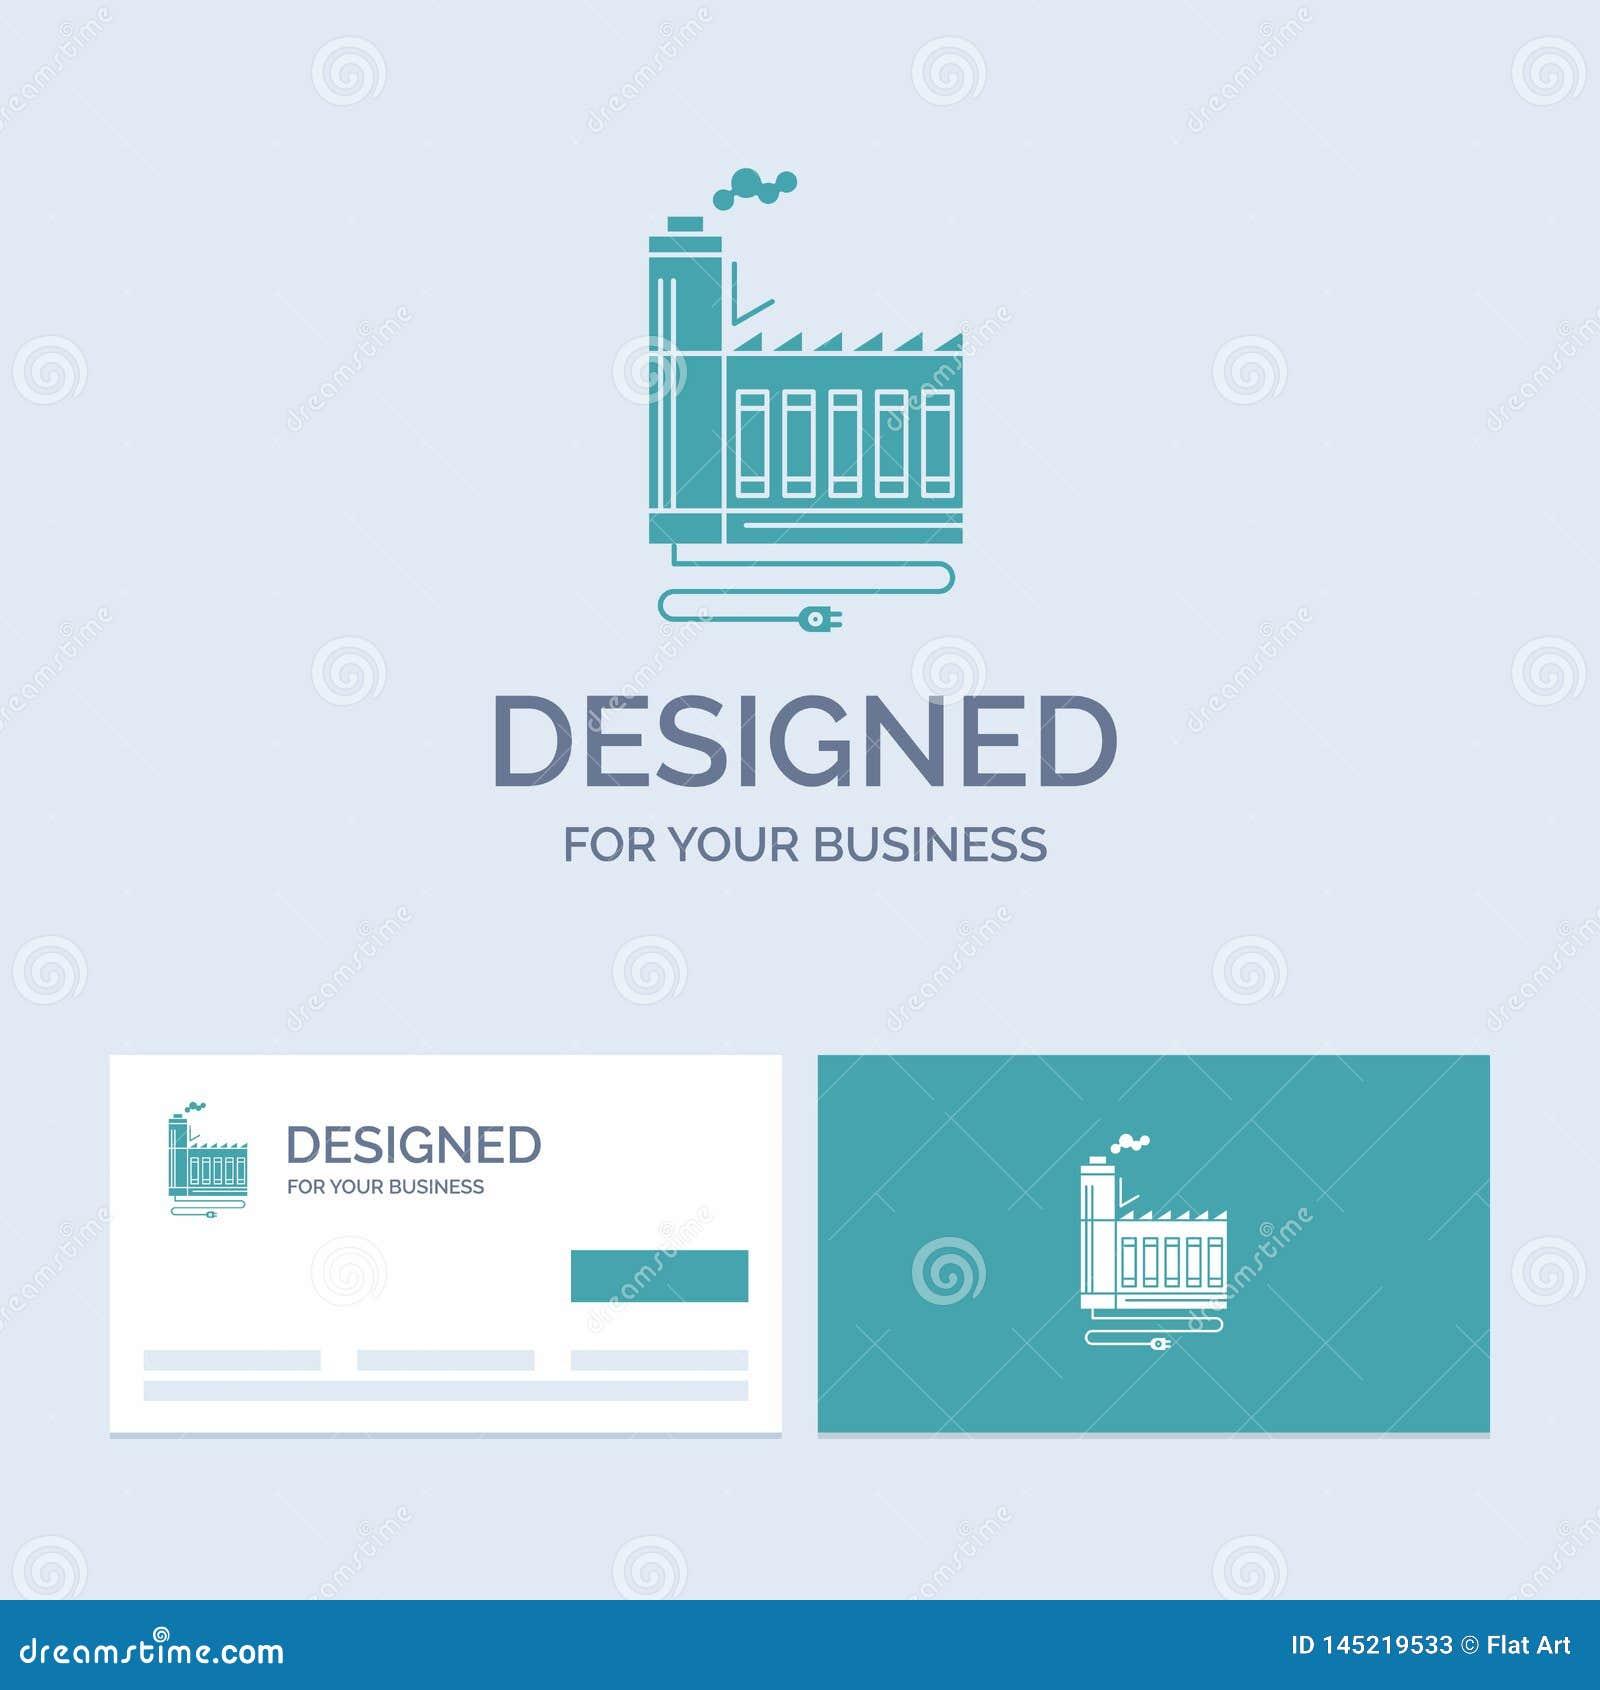 Κατανάλωση, πόρος, ενέργεια, εργοστάσιο, σύμβολο εικονιδίων Glyph επιχειρησιακών λογότυπων κατασκευής για την επιχείρησή σας r